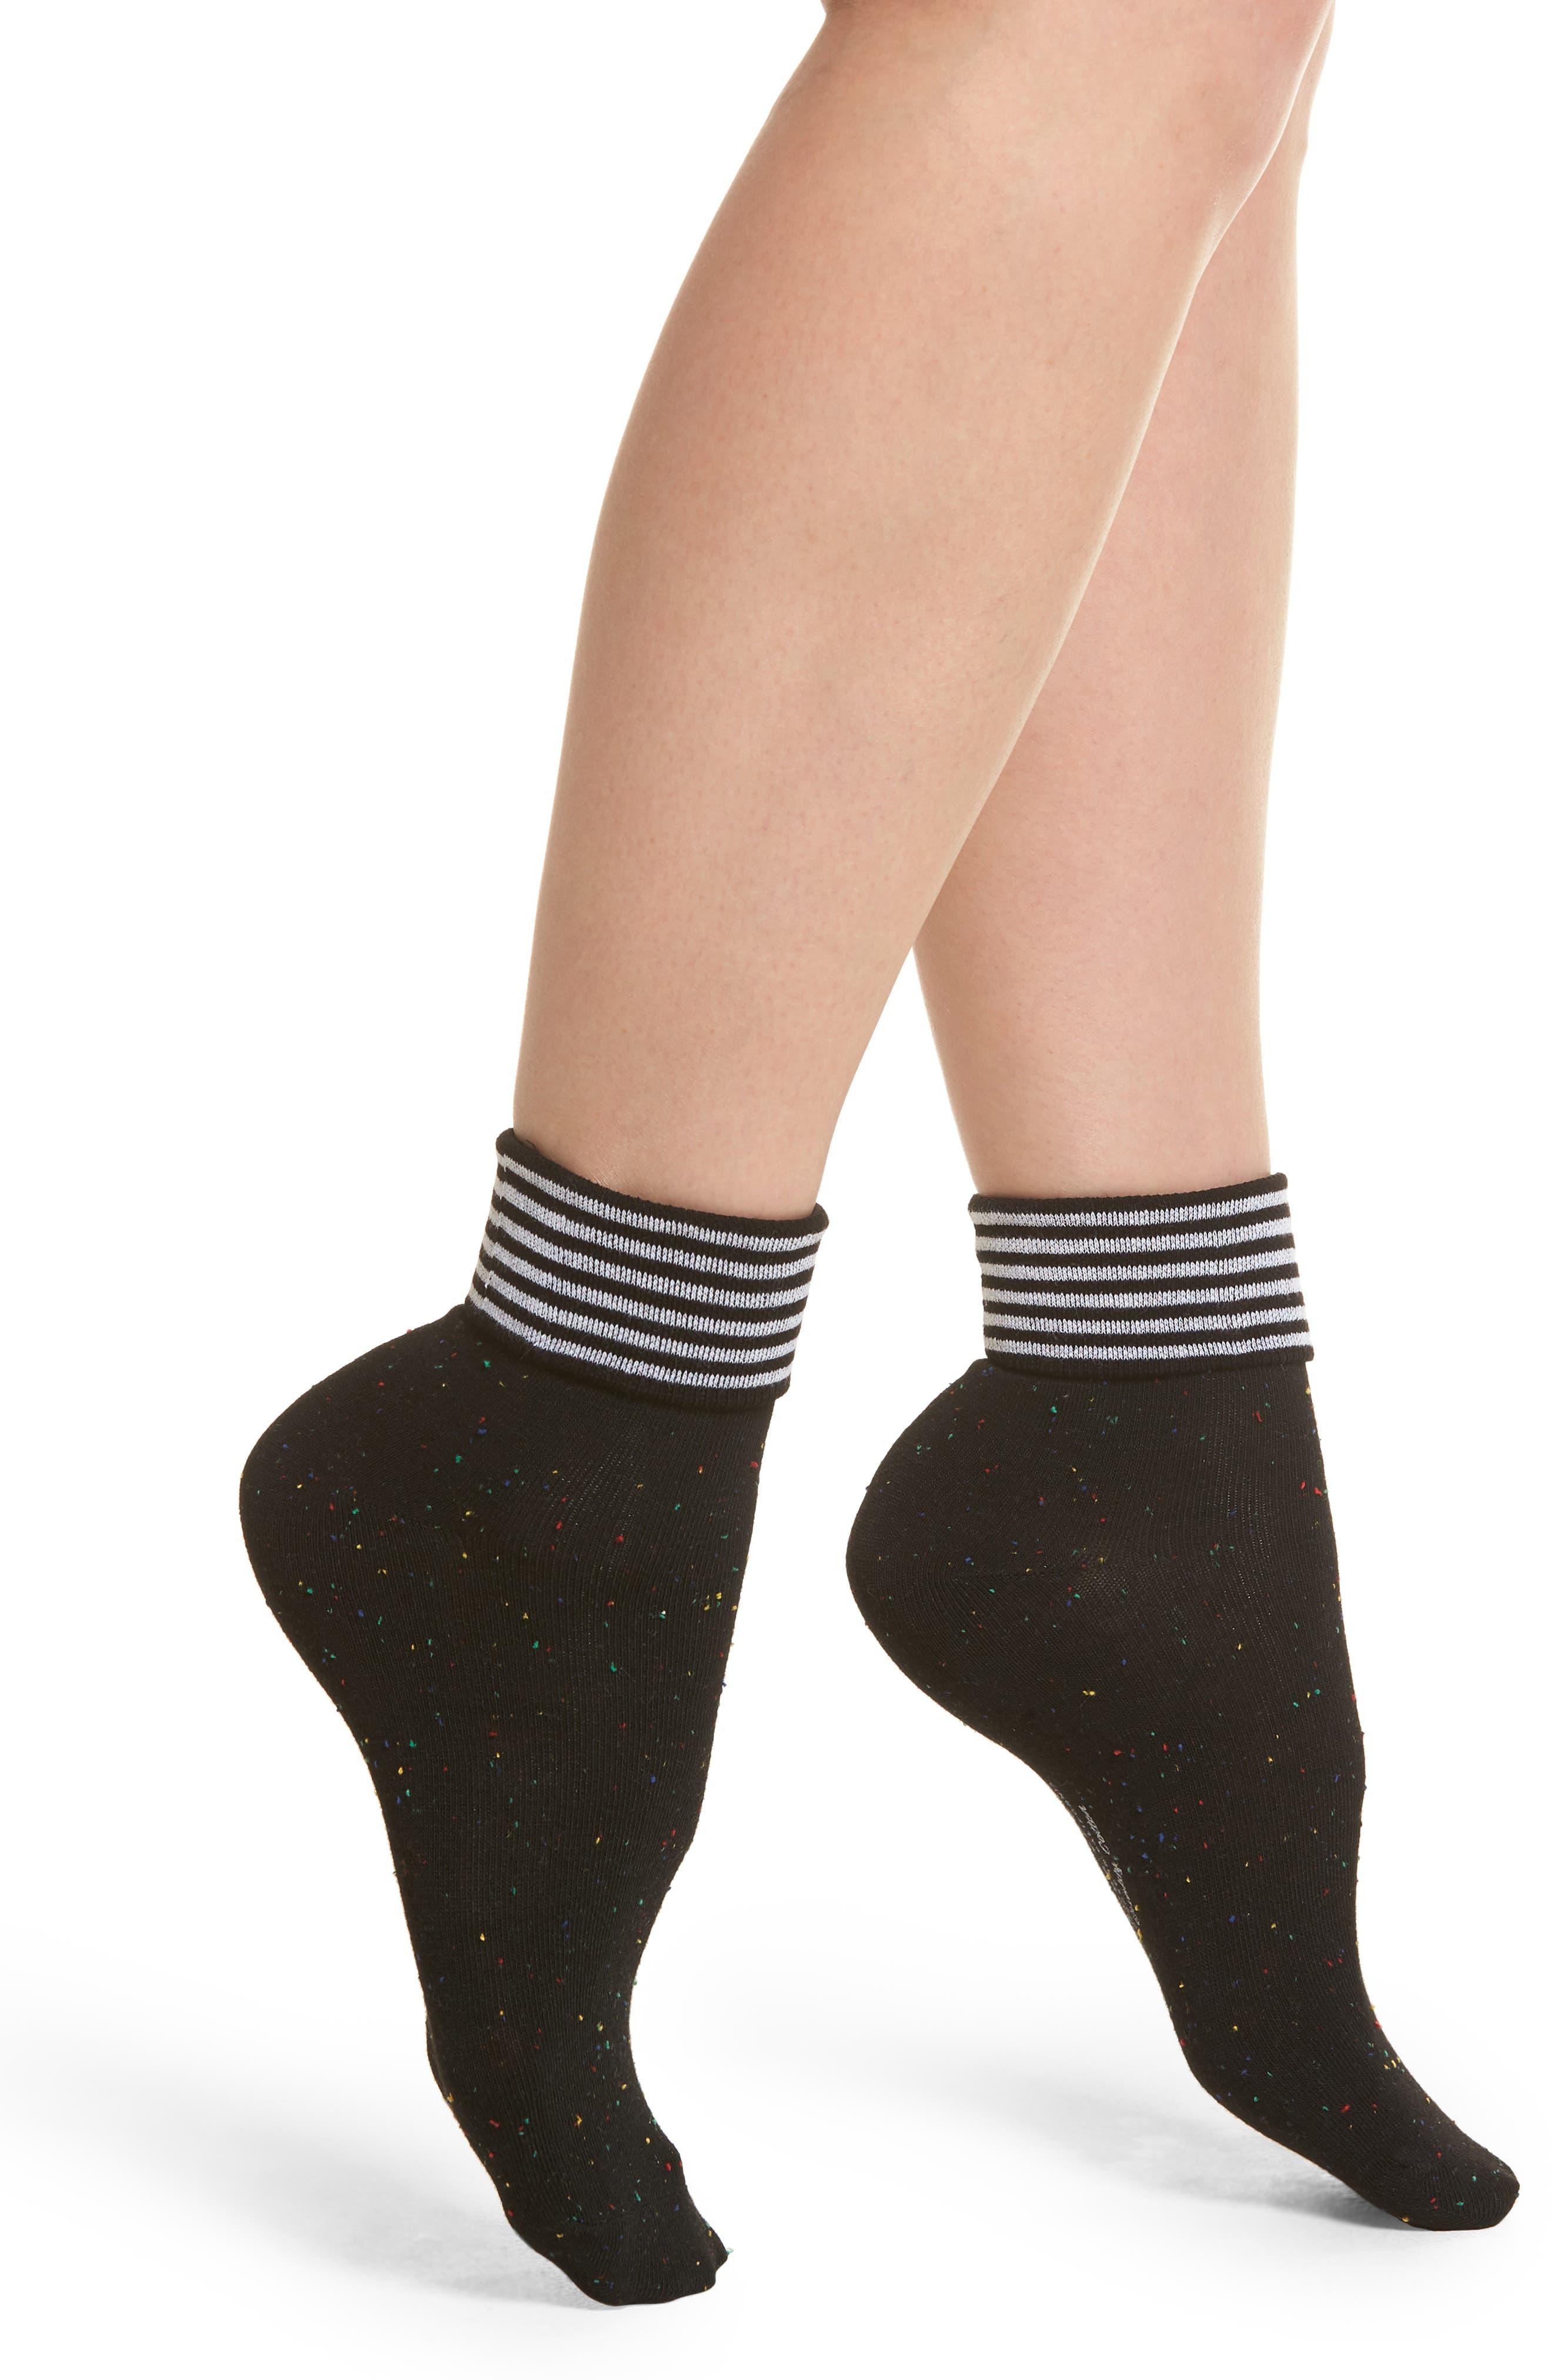 Tina Foldover Ankle Socks,                             Main thumbnail 1, color,                             Black